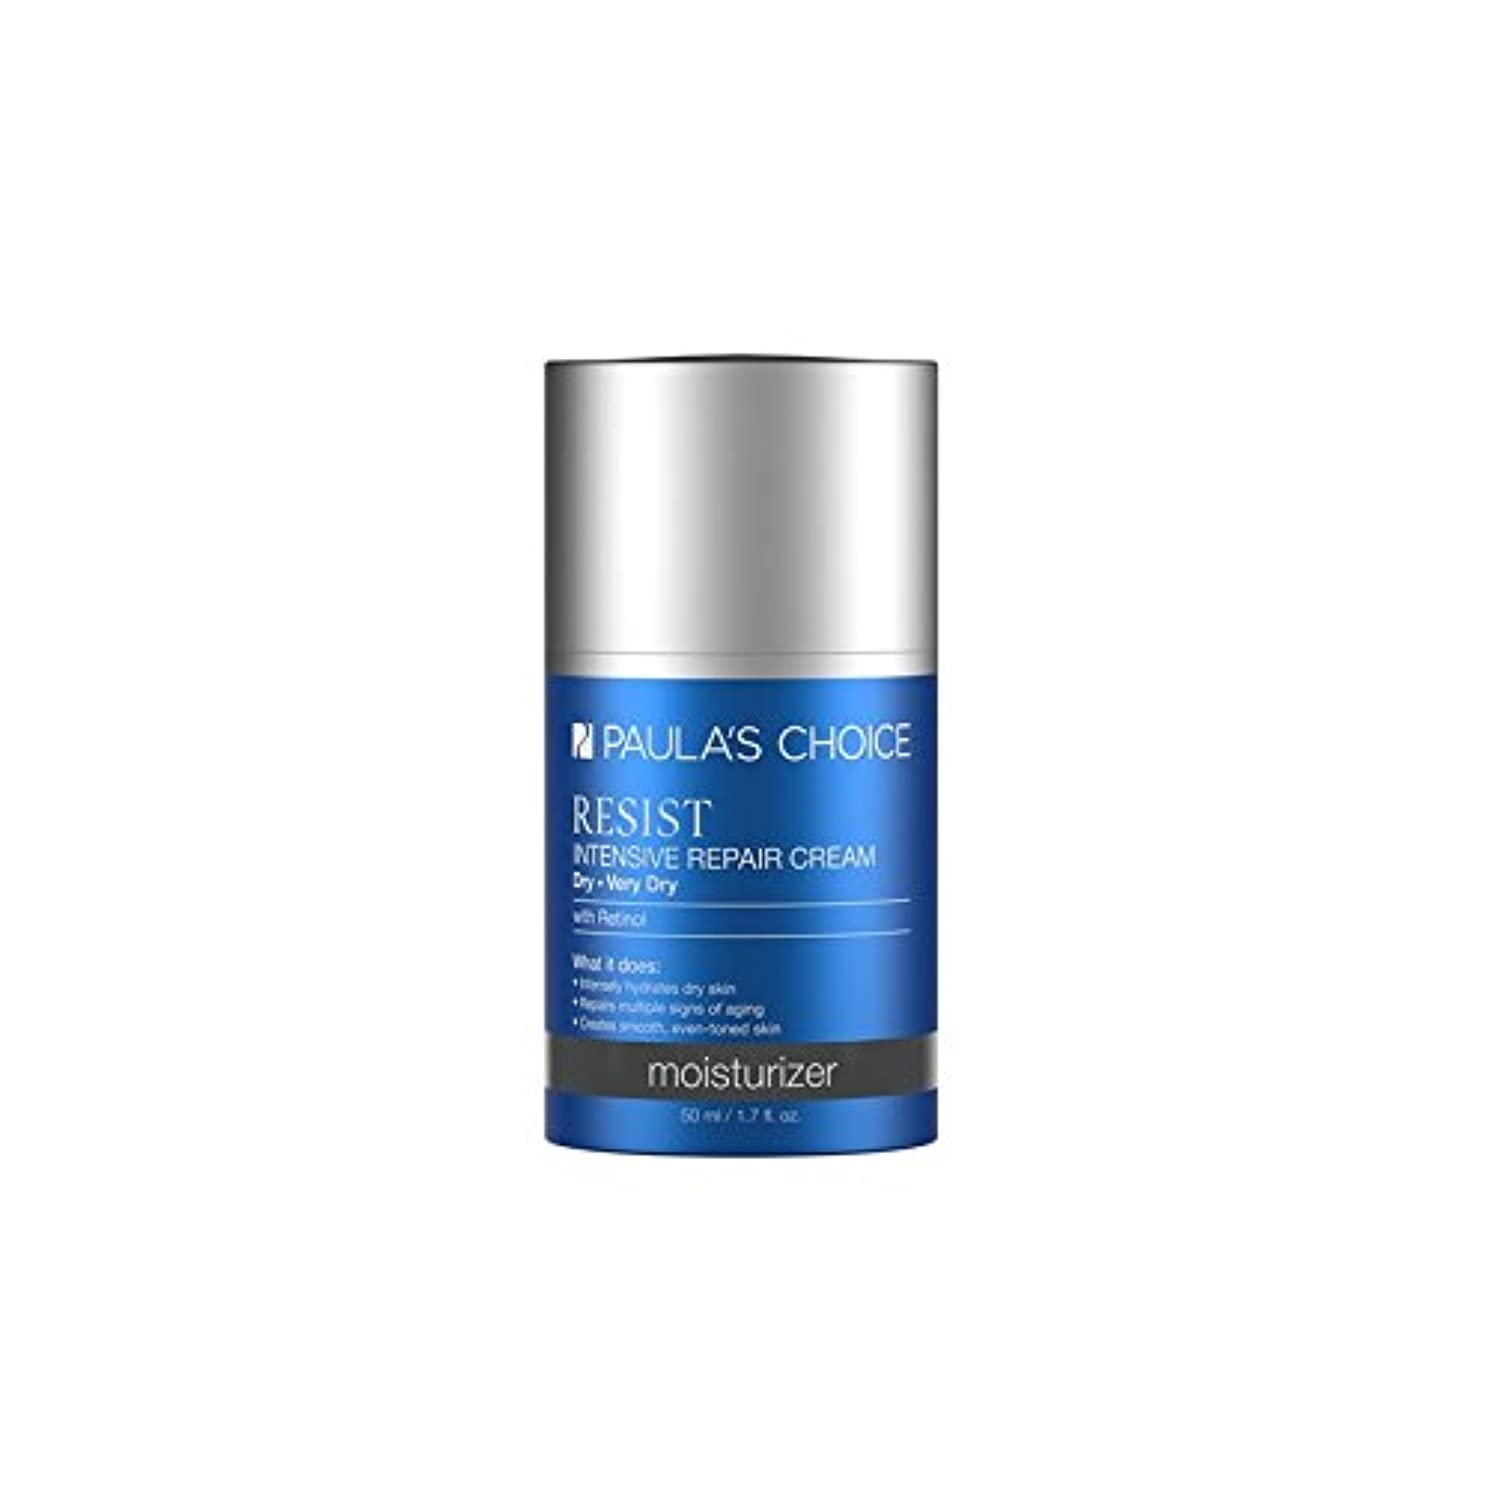 精神吹雪意味するPaula's Choice Resist Intensive Repair Cream (50ml) - ポーラチョイスの集中リペアクリーム(50)に抵抗します [並行輸入品]